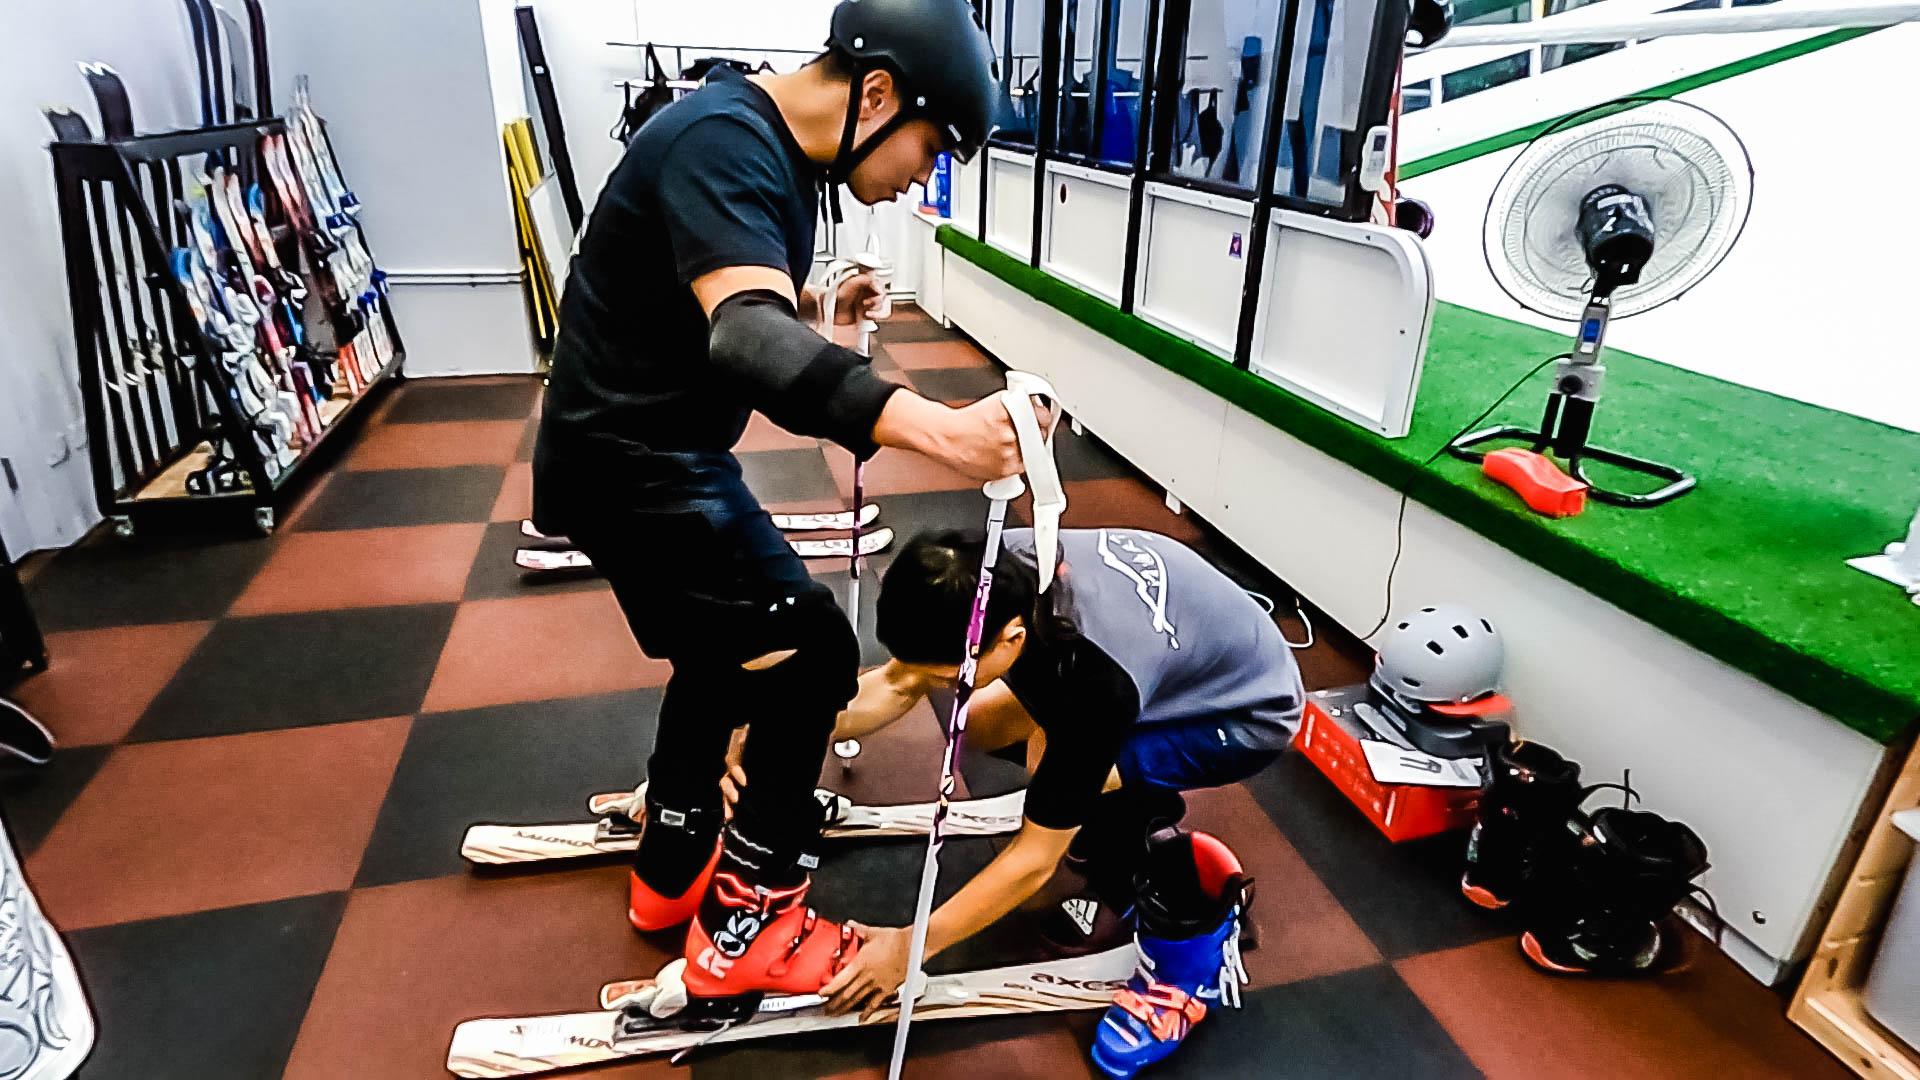 不出國滑雪照樣行!專業室內滑雪機台與場地 新手老手都照樣縱橫雪場